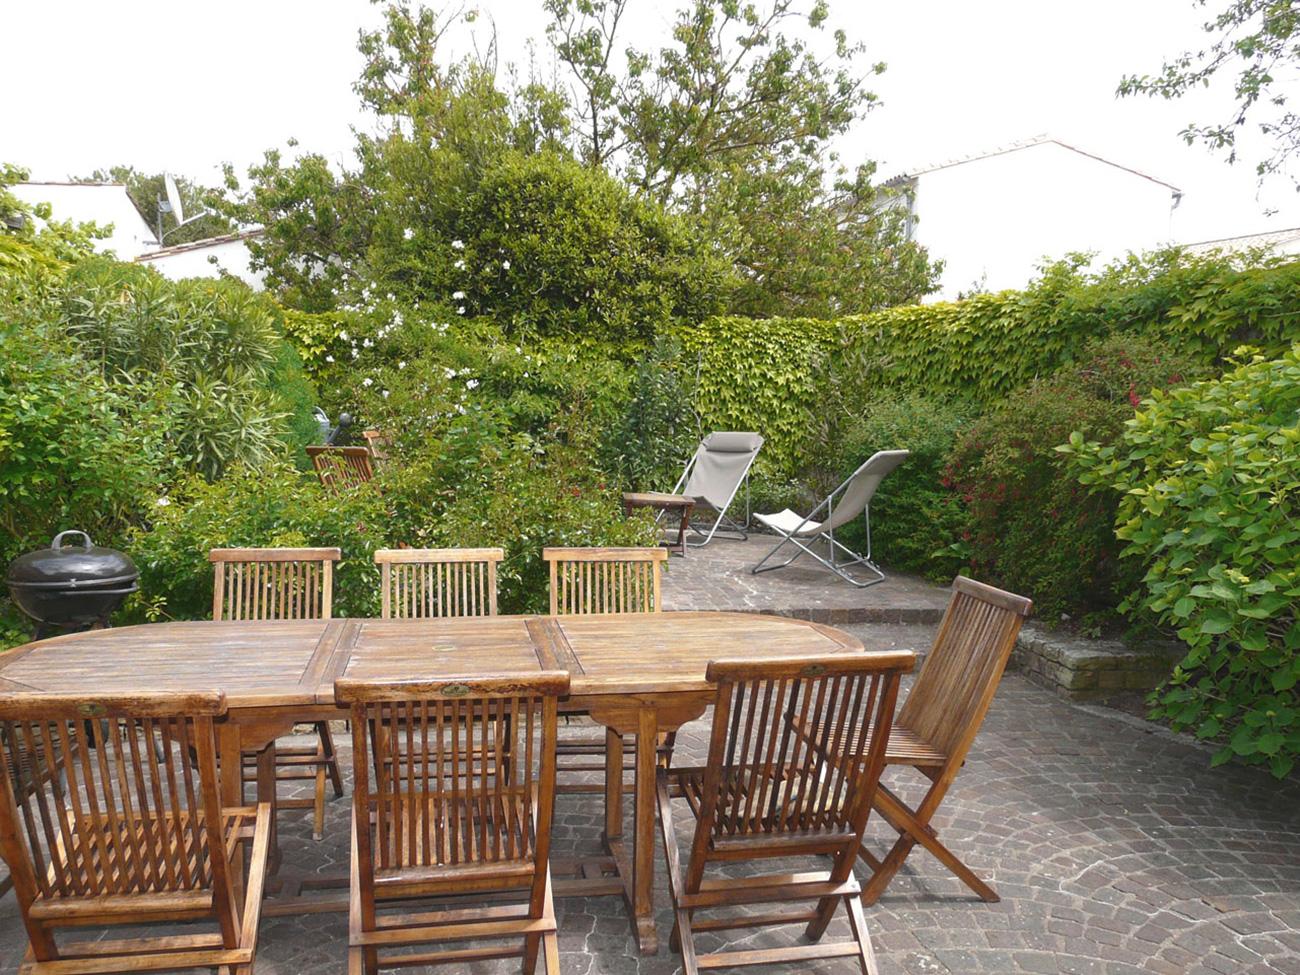 Location Maison Ile de Ré - Fleur-de-sel - Terrasse 1